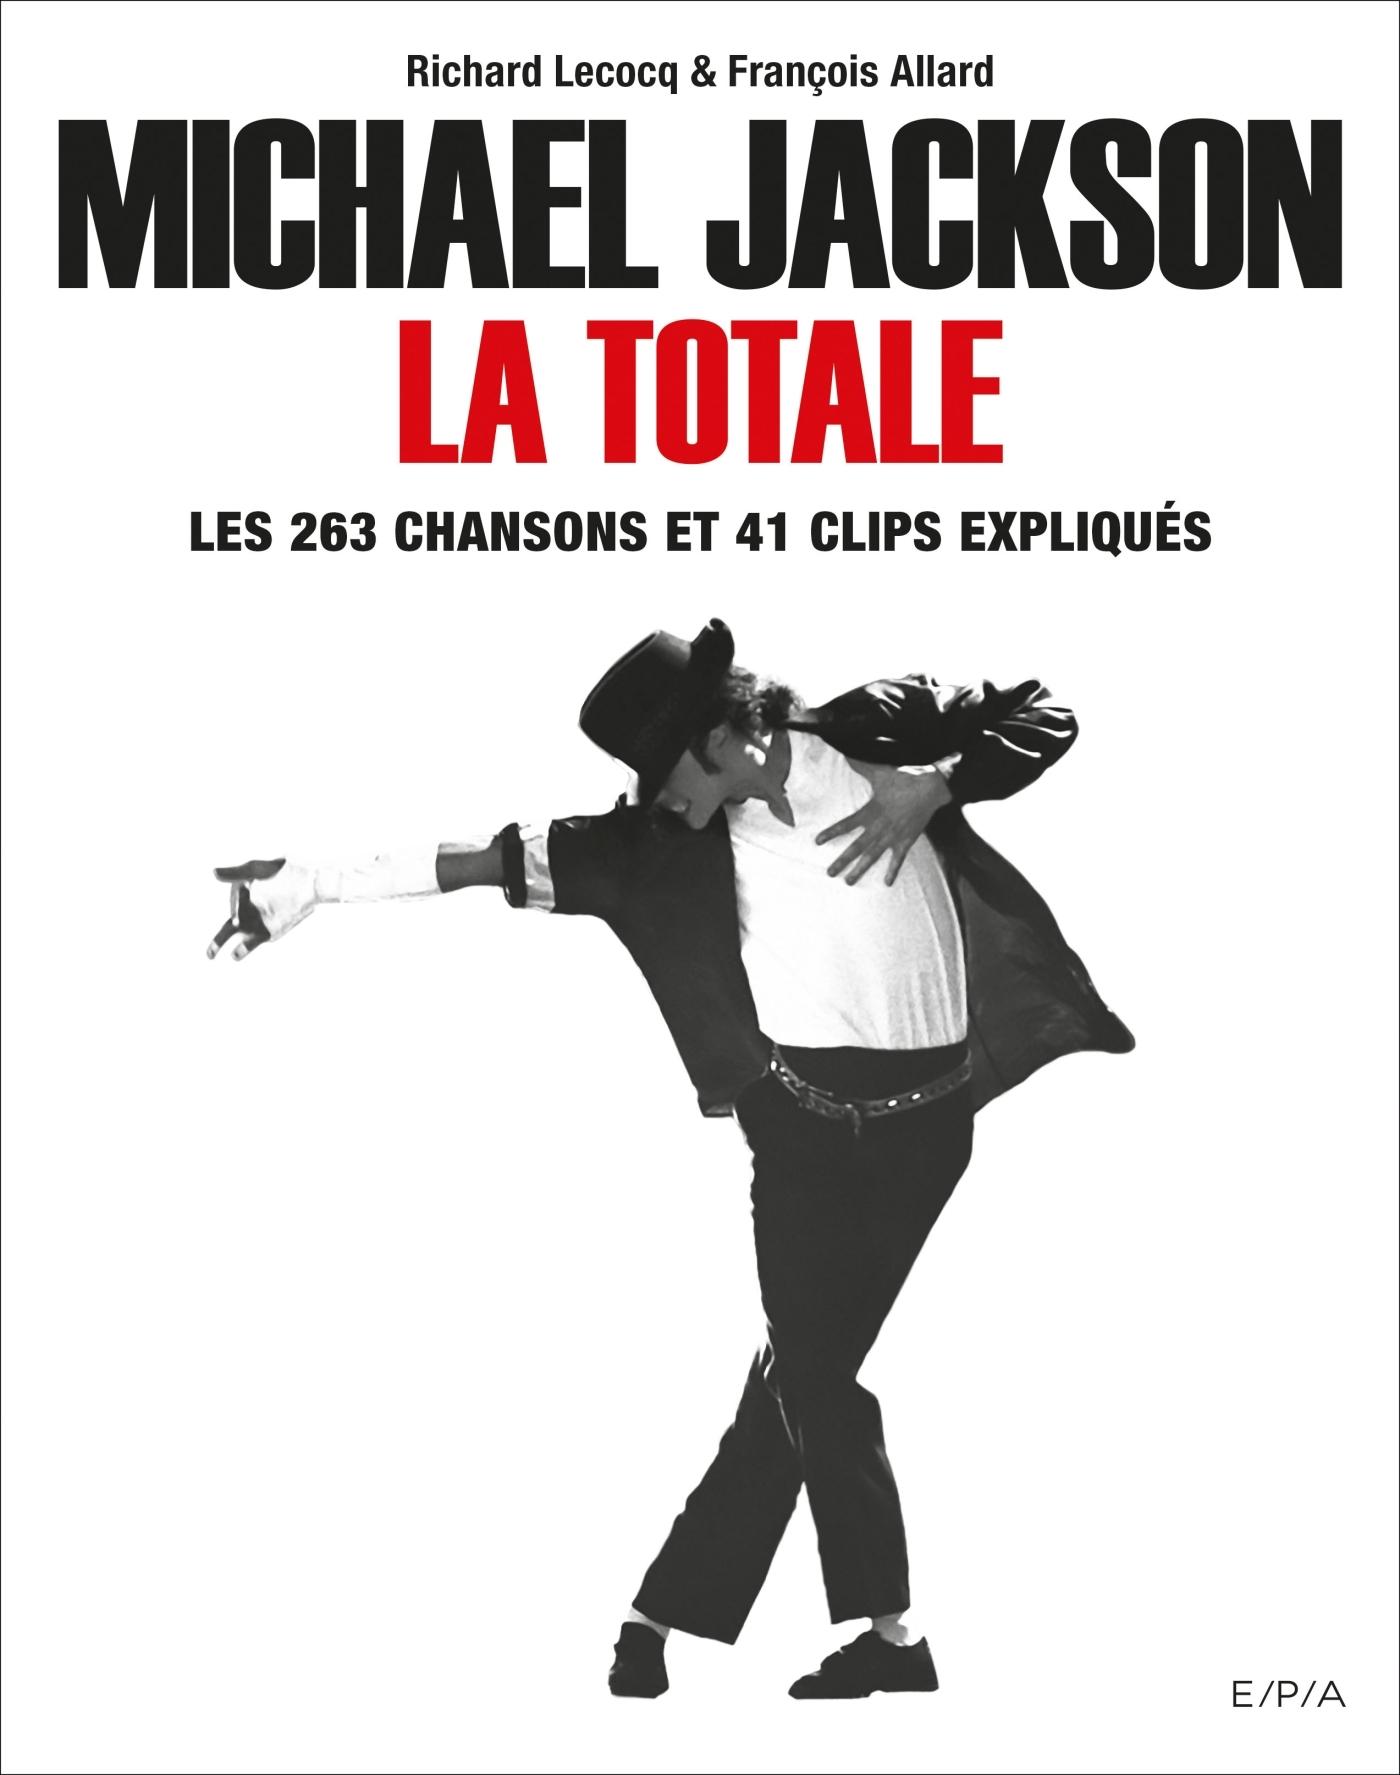 MICHAEL JACKSON, LA TOTALE - LES 263 CHANSONS ET 41 CLIPS EXPLIQUES